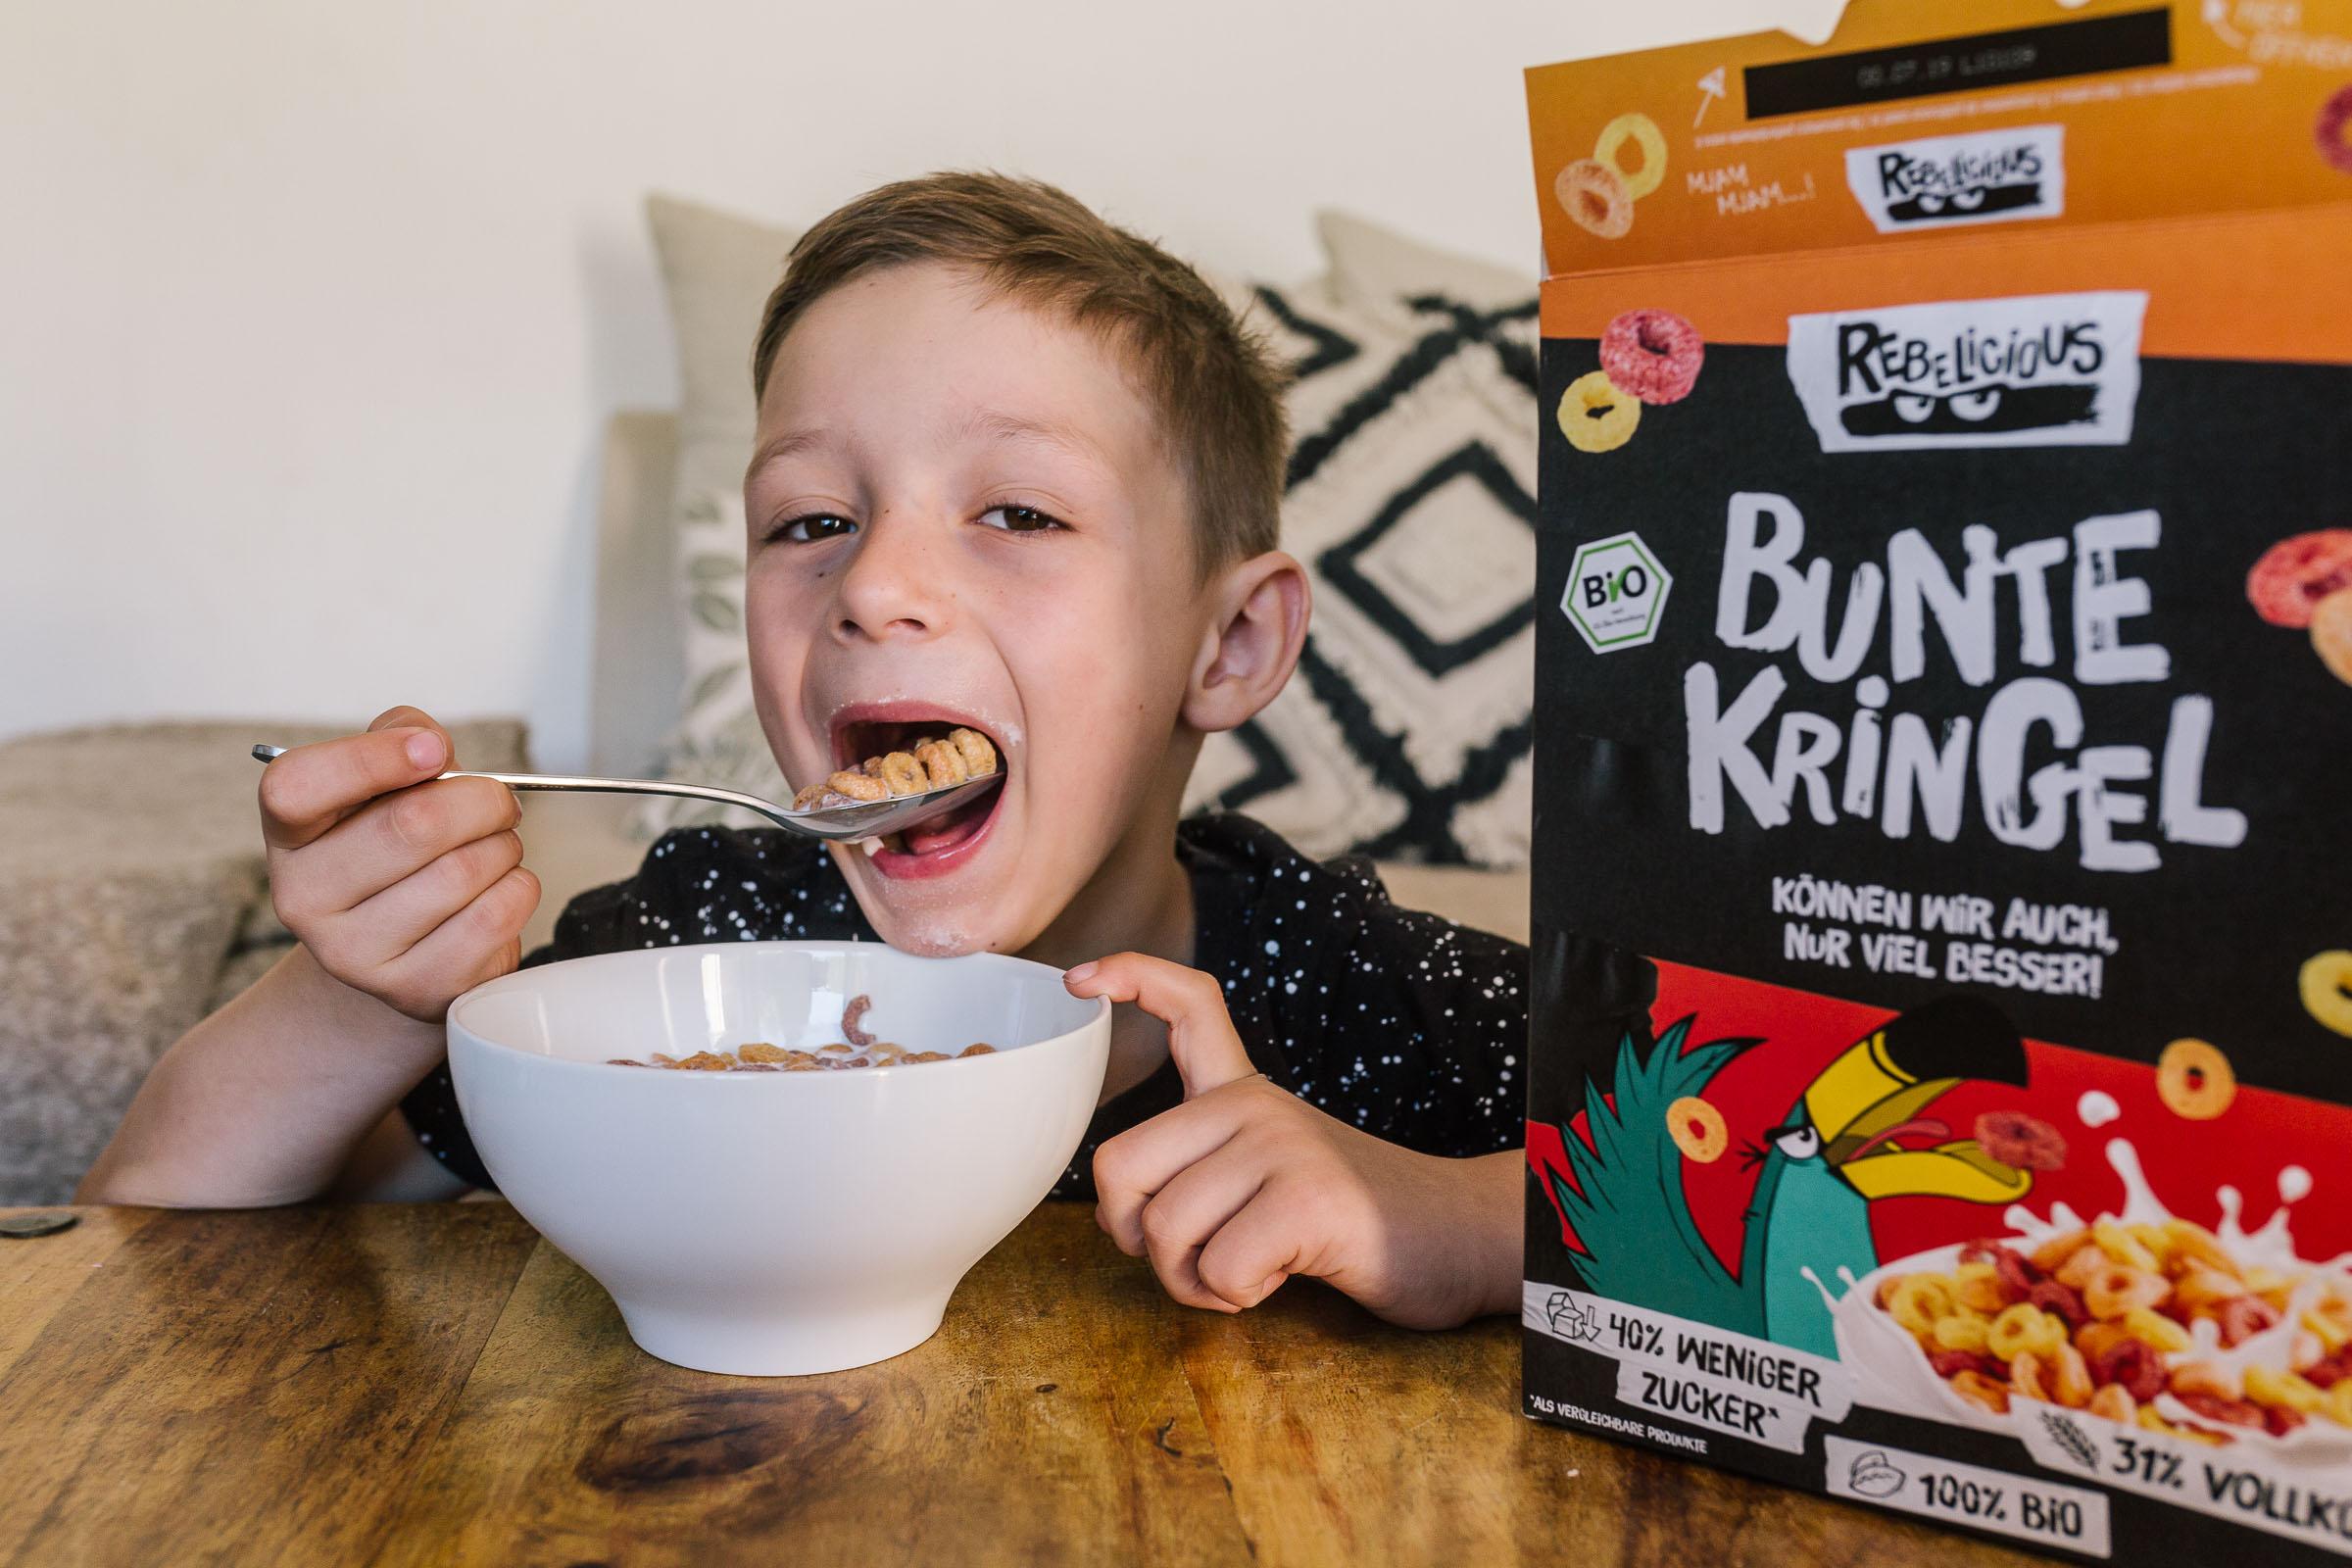 Frühstücks-Cerealien von Rebelicious